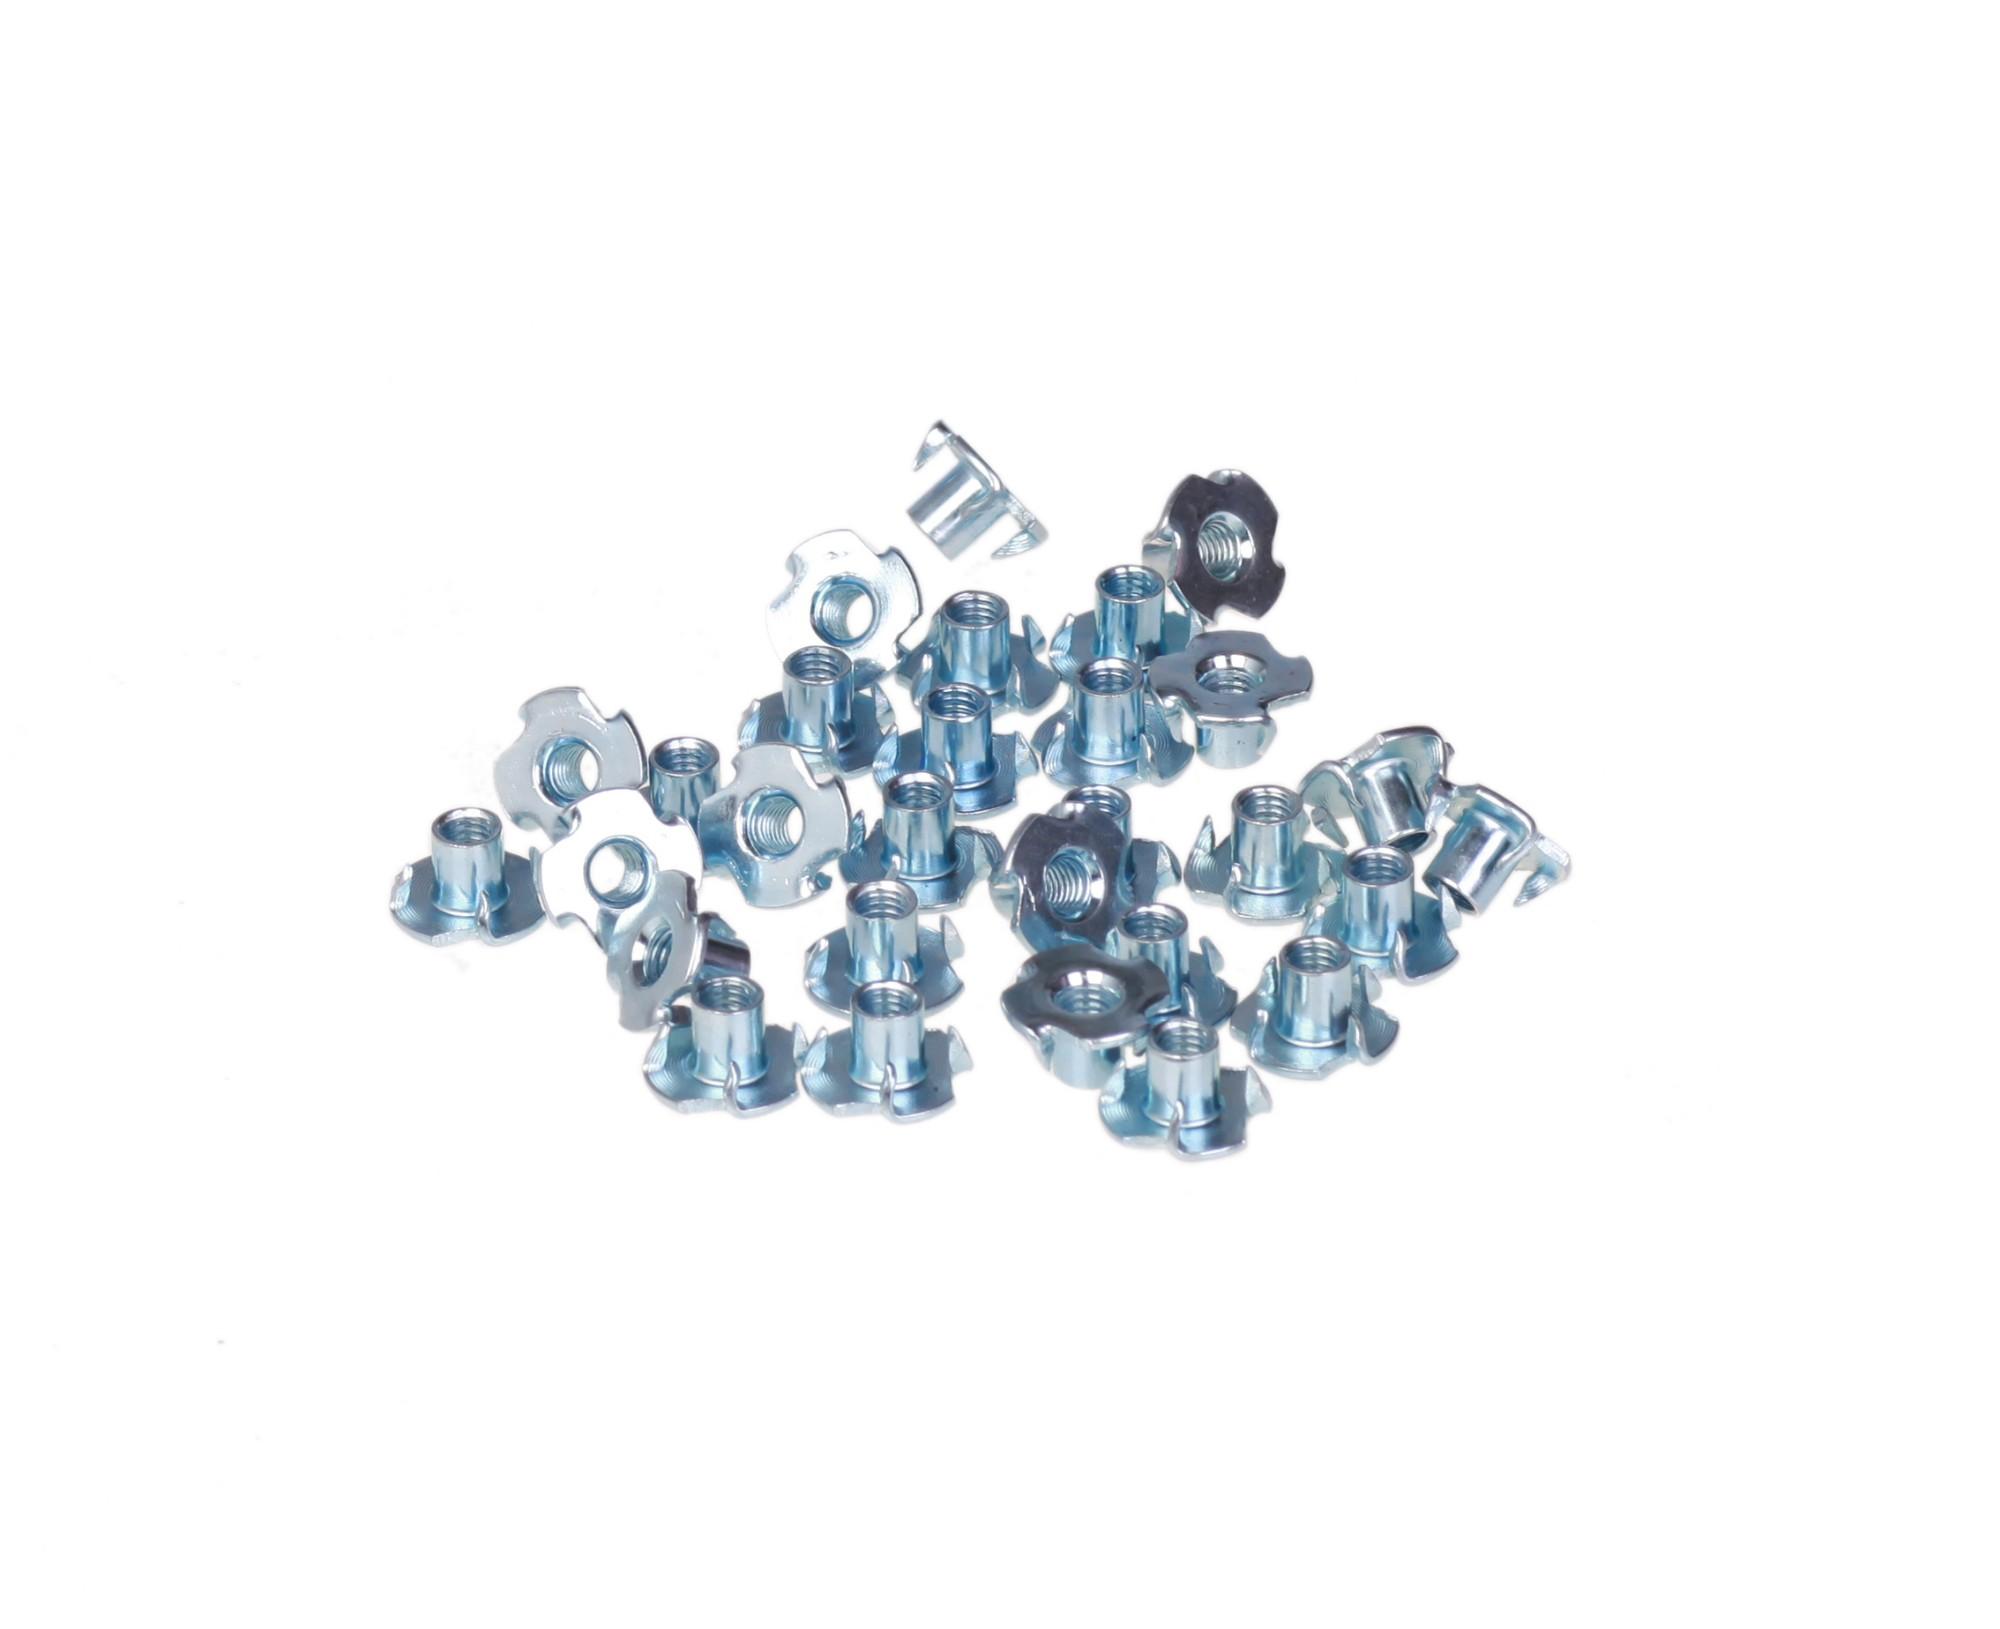 ซื้อDIN1624 Tee สี่ถั่วนัท ชั้น4.8 ชุบสังกะสี,DIN1624 Tee สี่ถั่วนัท ชั้น4.8 ชุบสังกะสีราคา,DIN1624 Tee สี่ถั่วนัท ชั้น4.8 ชุบสังกะสีแบรนด์,DIN1624 Tee สี่ถั่วนัท ชั้น4.8 ชุบสังกะสีผู้ผลิต,DIN1624 Tee สี่ถั่วนัท ชั้น4.8 ชุบสังกะสีสภาวะตลาด,DIN1624 Tee สี่ถั่วนัท ชั้น4.8 ชุบสังกะสีบริษัท